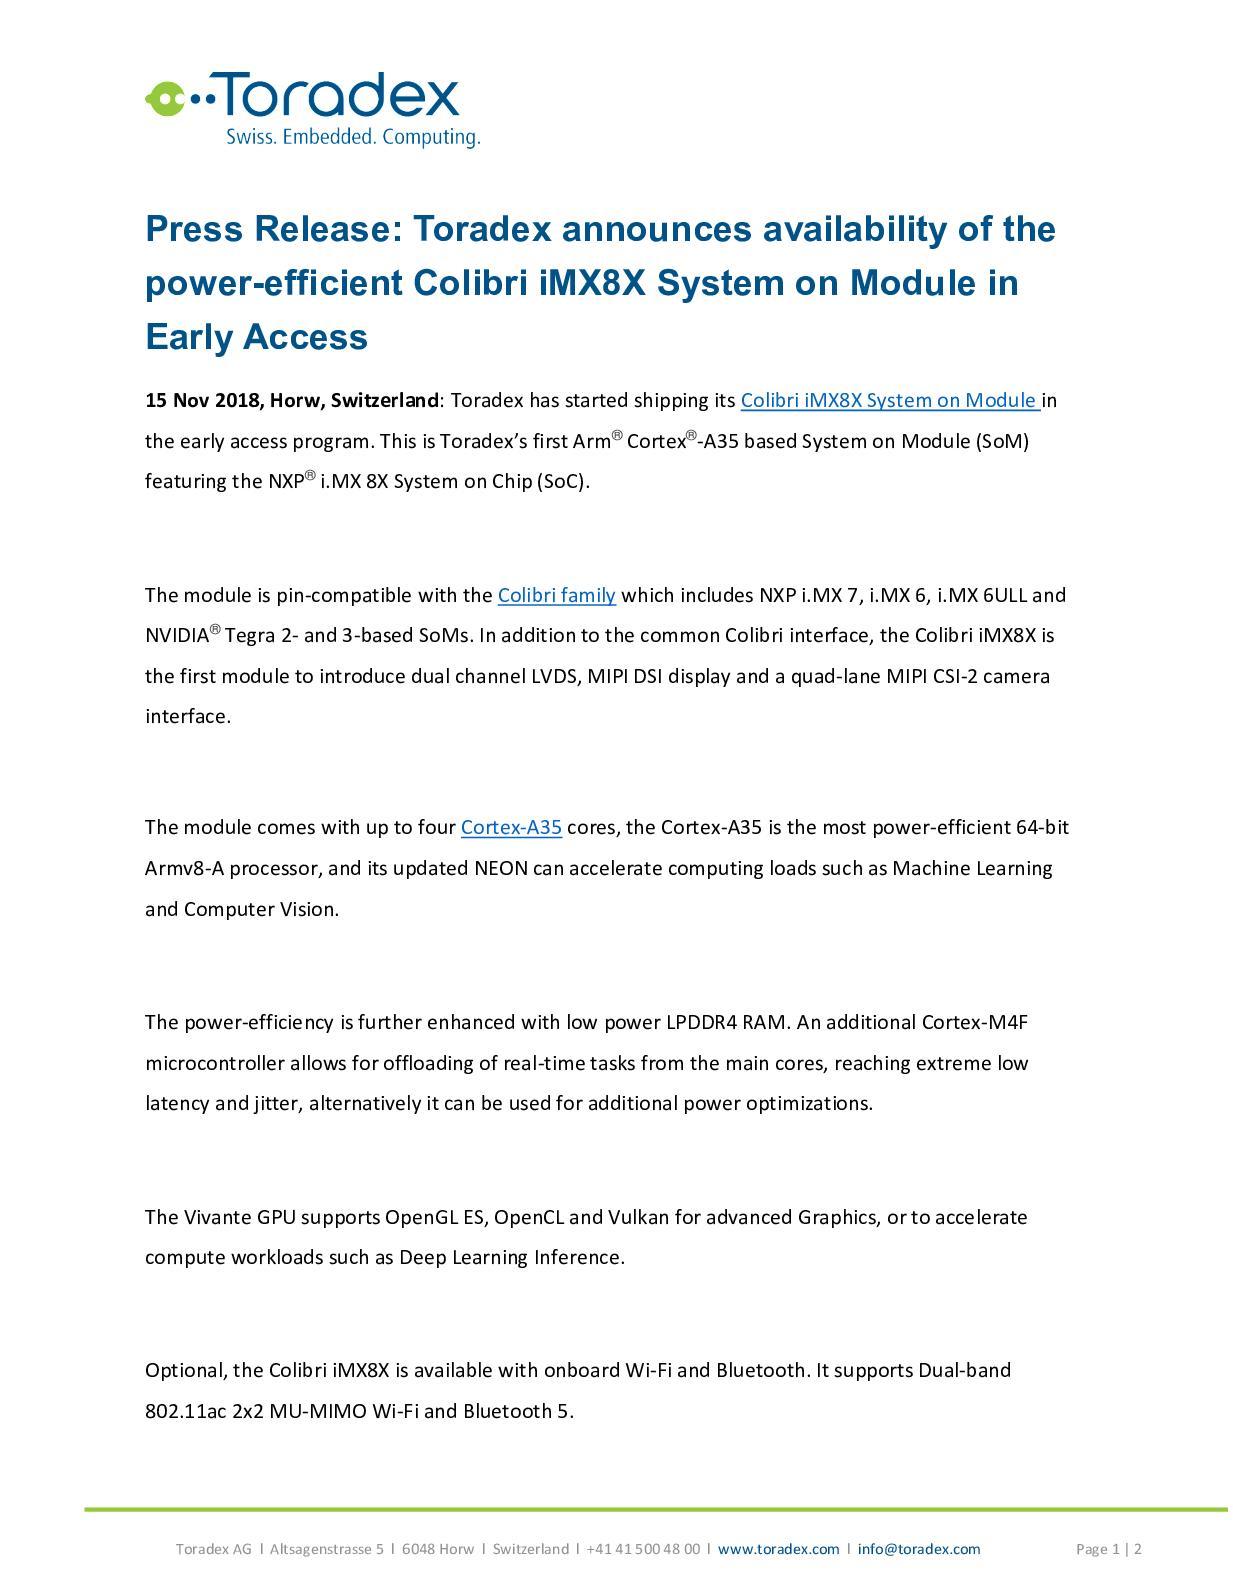 Calaméo - Toradex Announces Availability Of The Power Effective